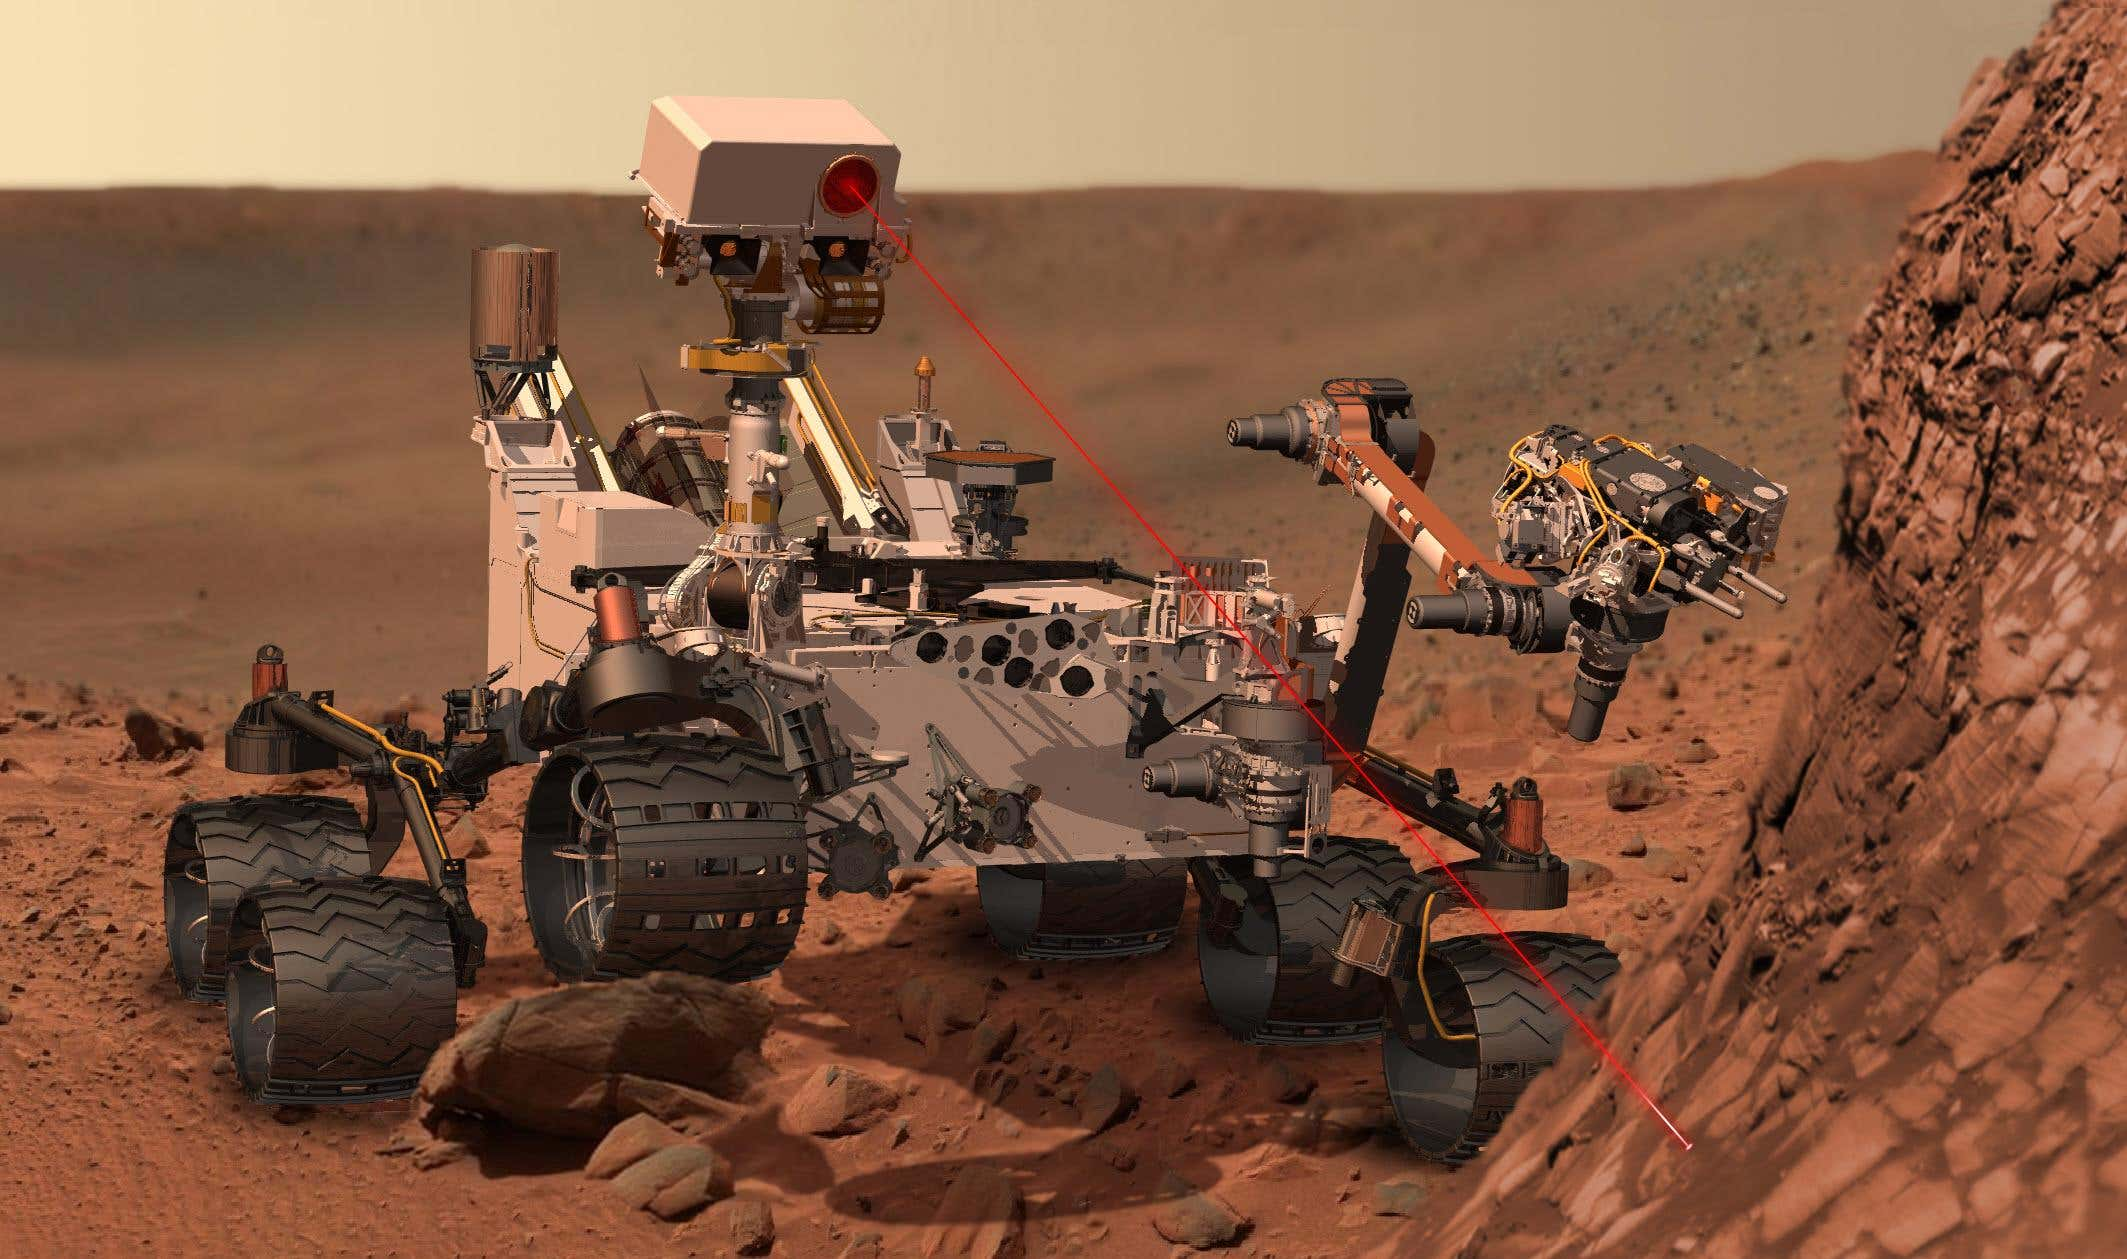 A Lab on Mars